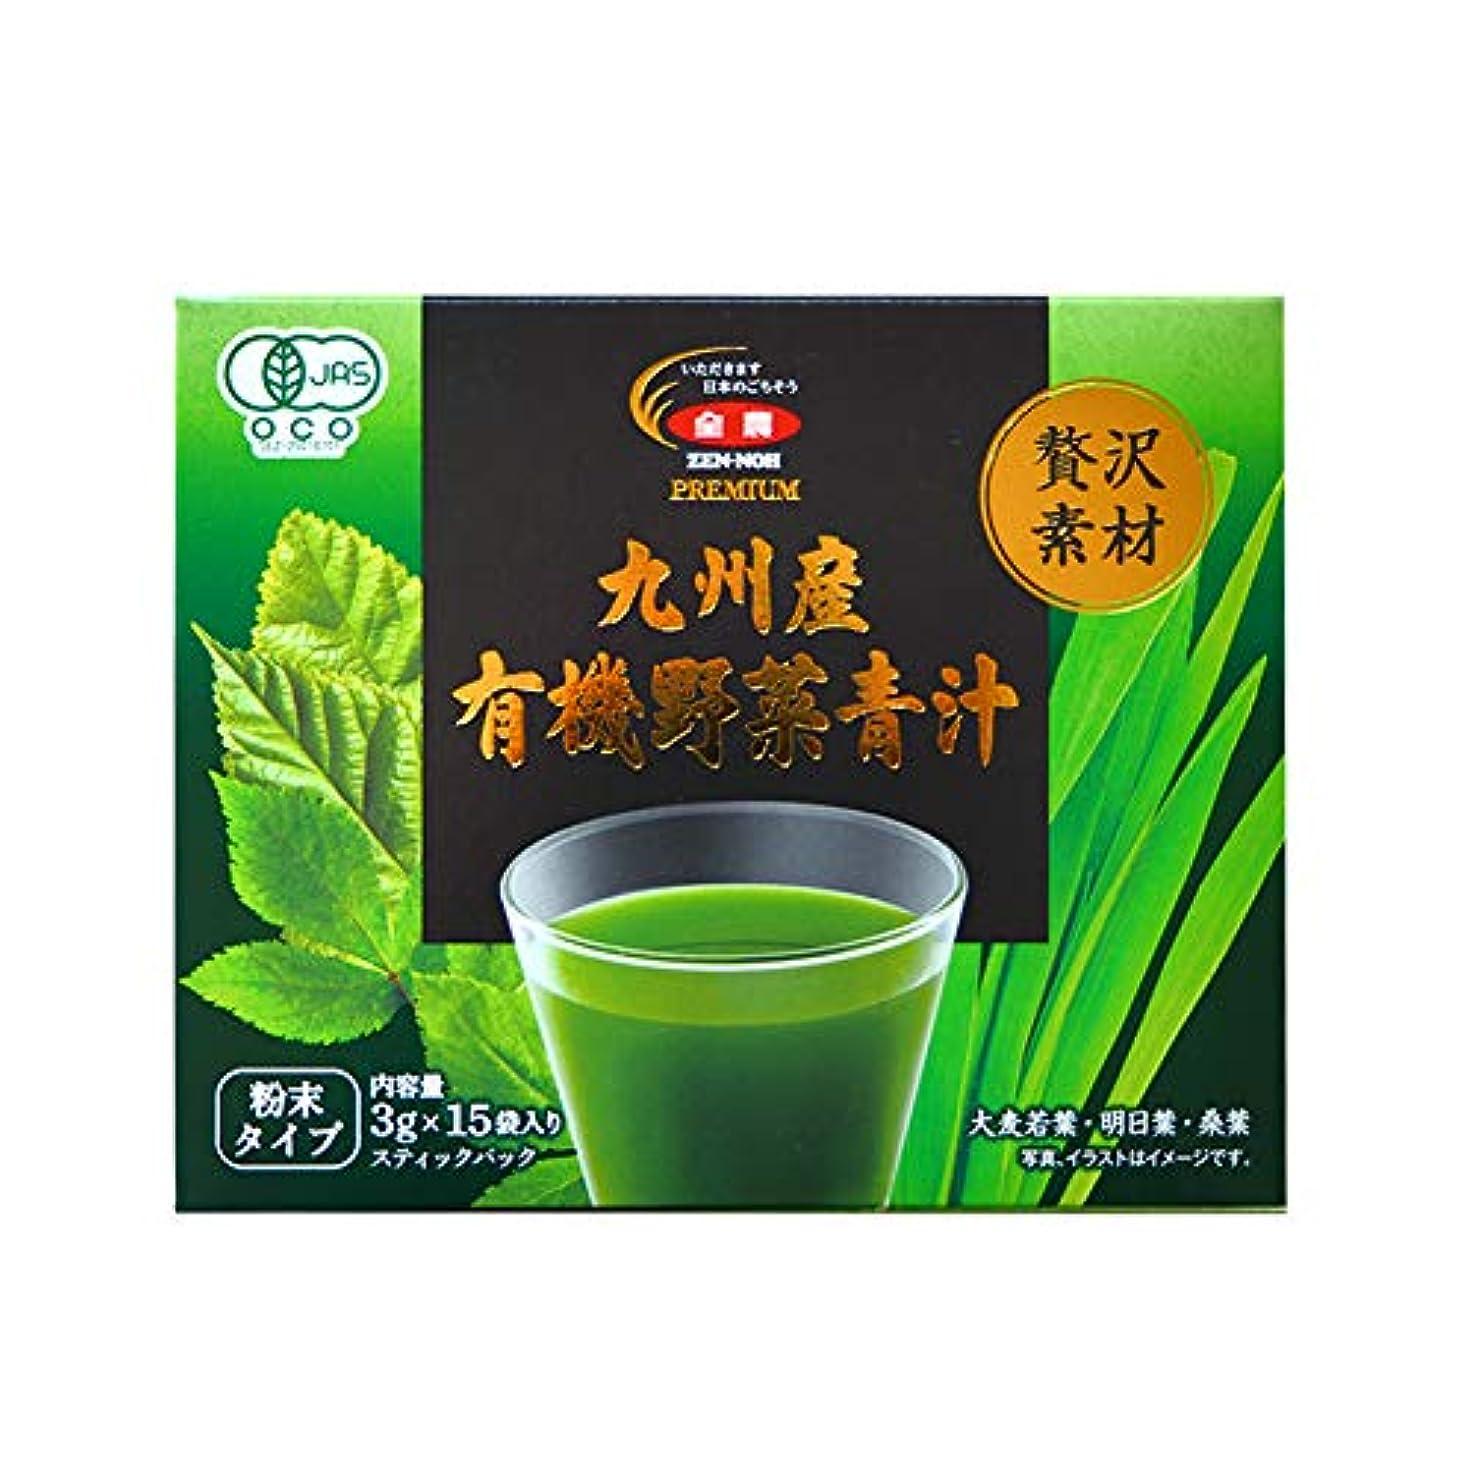 協力する円形の告白する九州産有機野菜青汁 3gX15包 X3個(大麦若葉 明日葉 桑葉 ドリンク 国産)